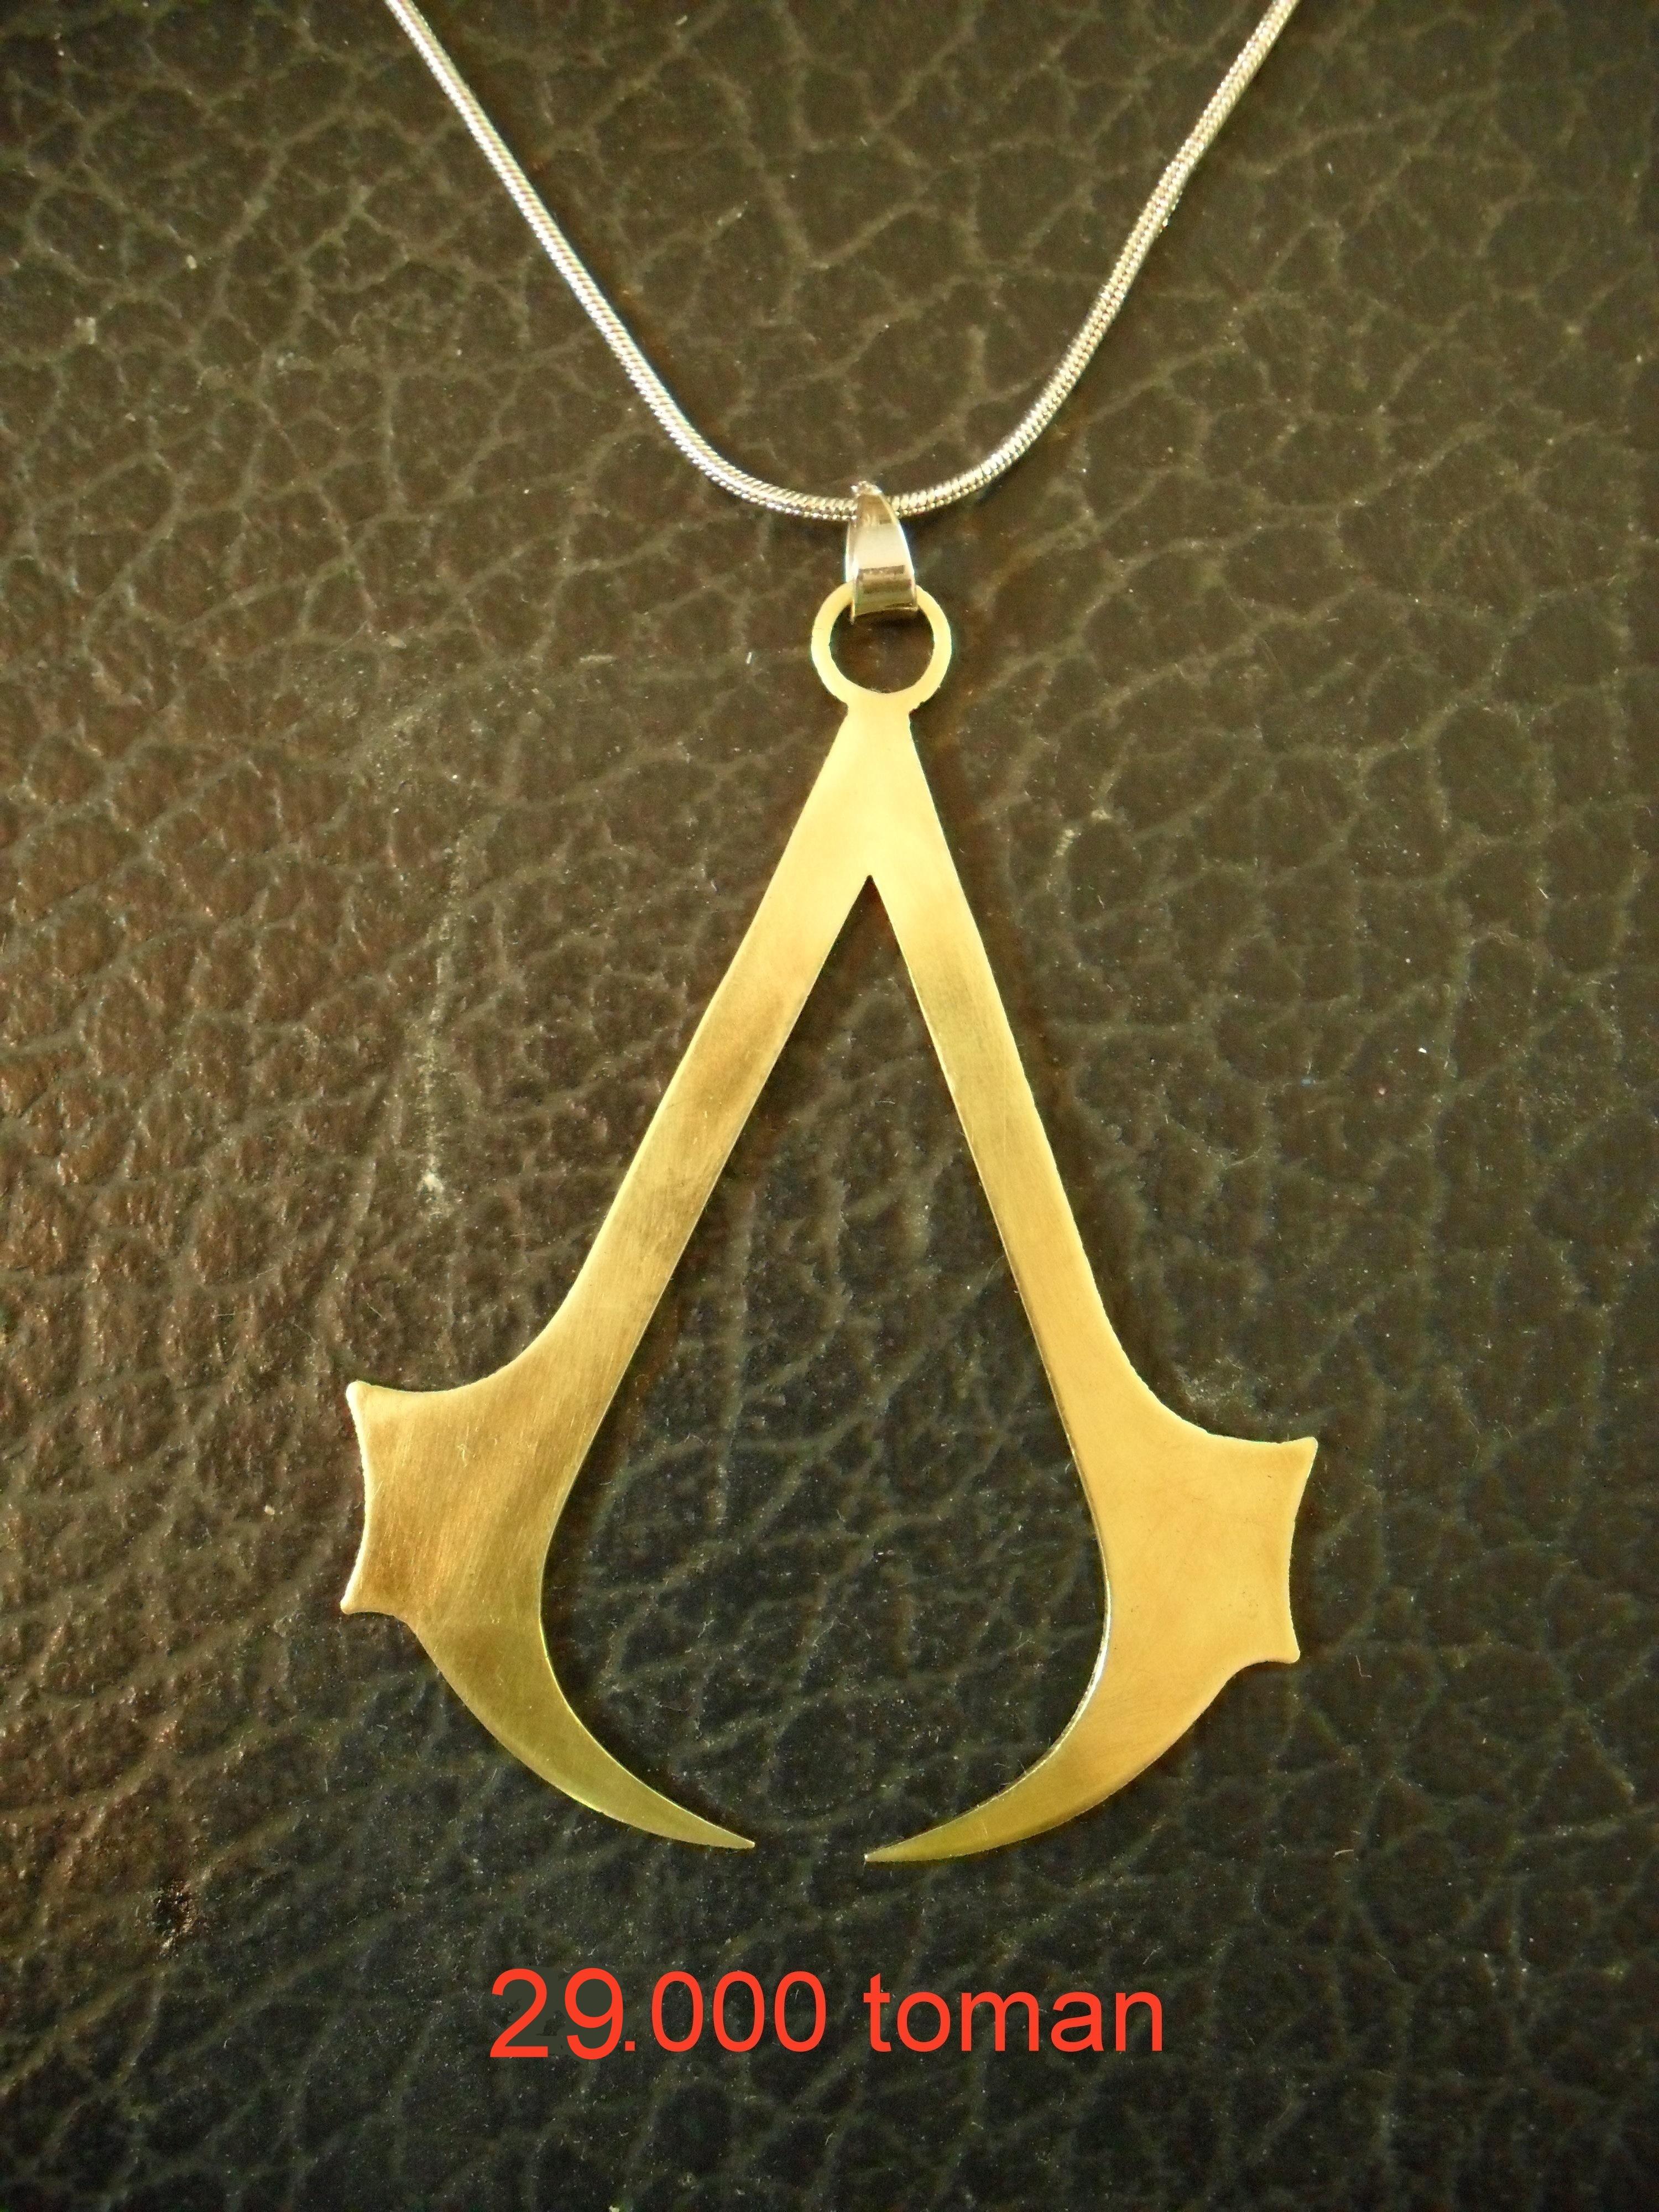 فروش گردنبند طلایی رنگ اساسین sell necklace assassin